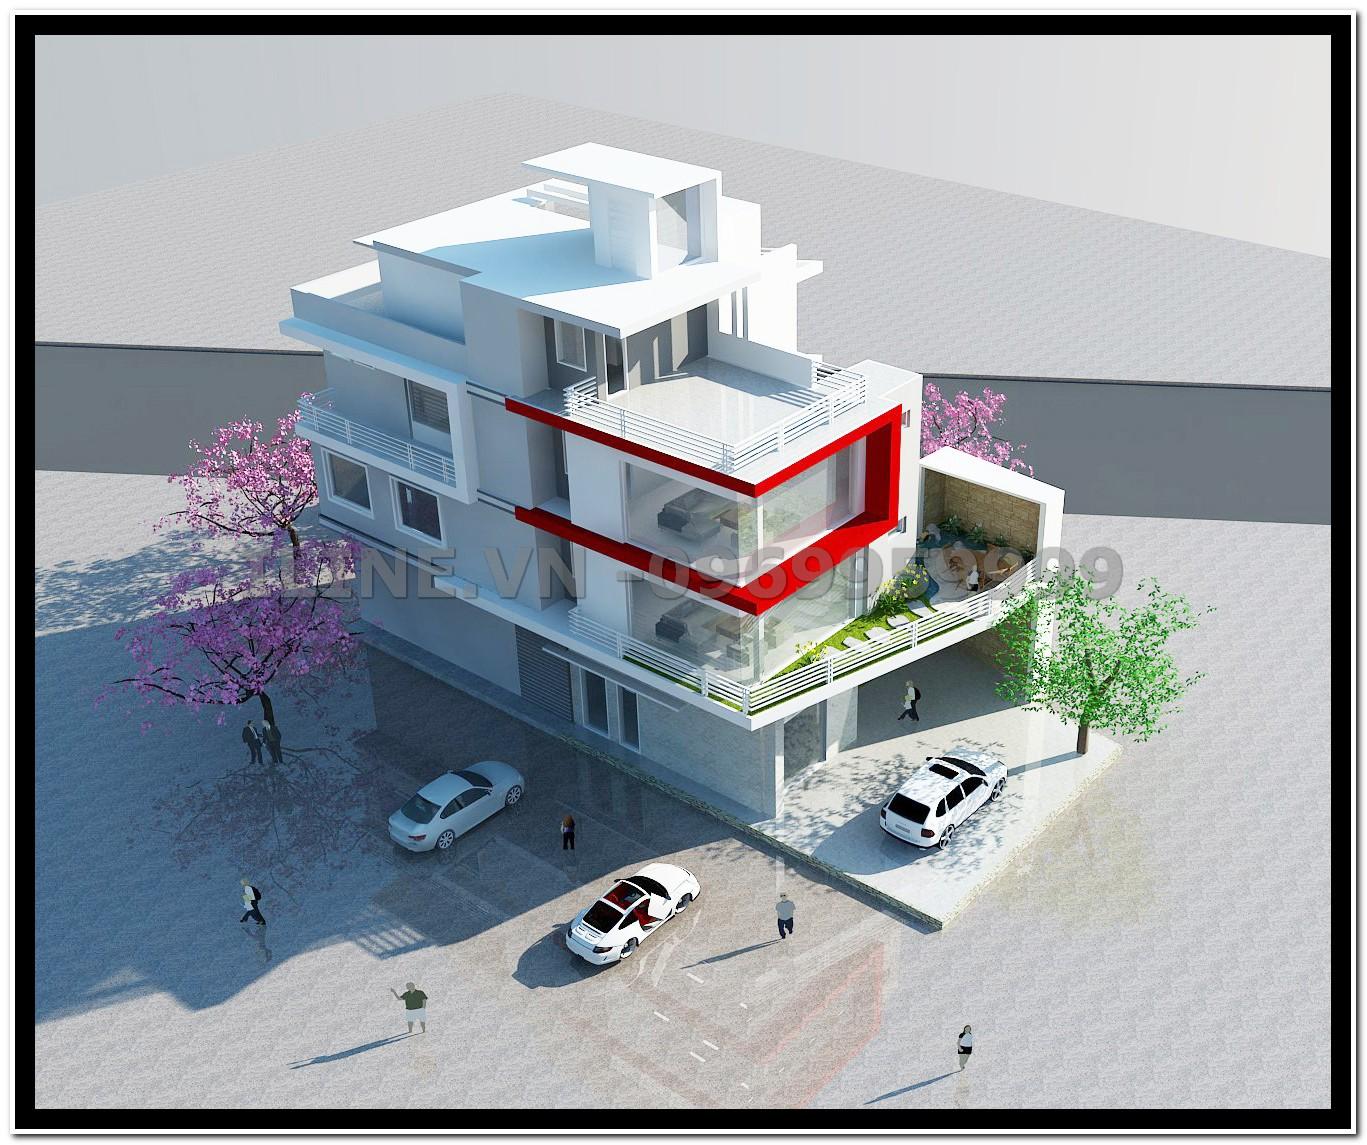 Sàn giao dịch bất động sản Phong Lan - 2012 - Cẩm Phả